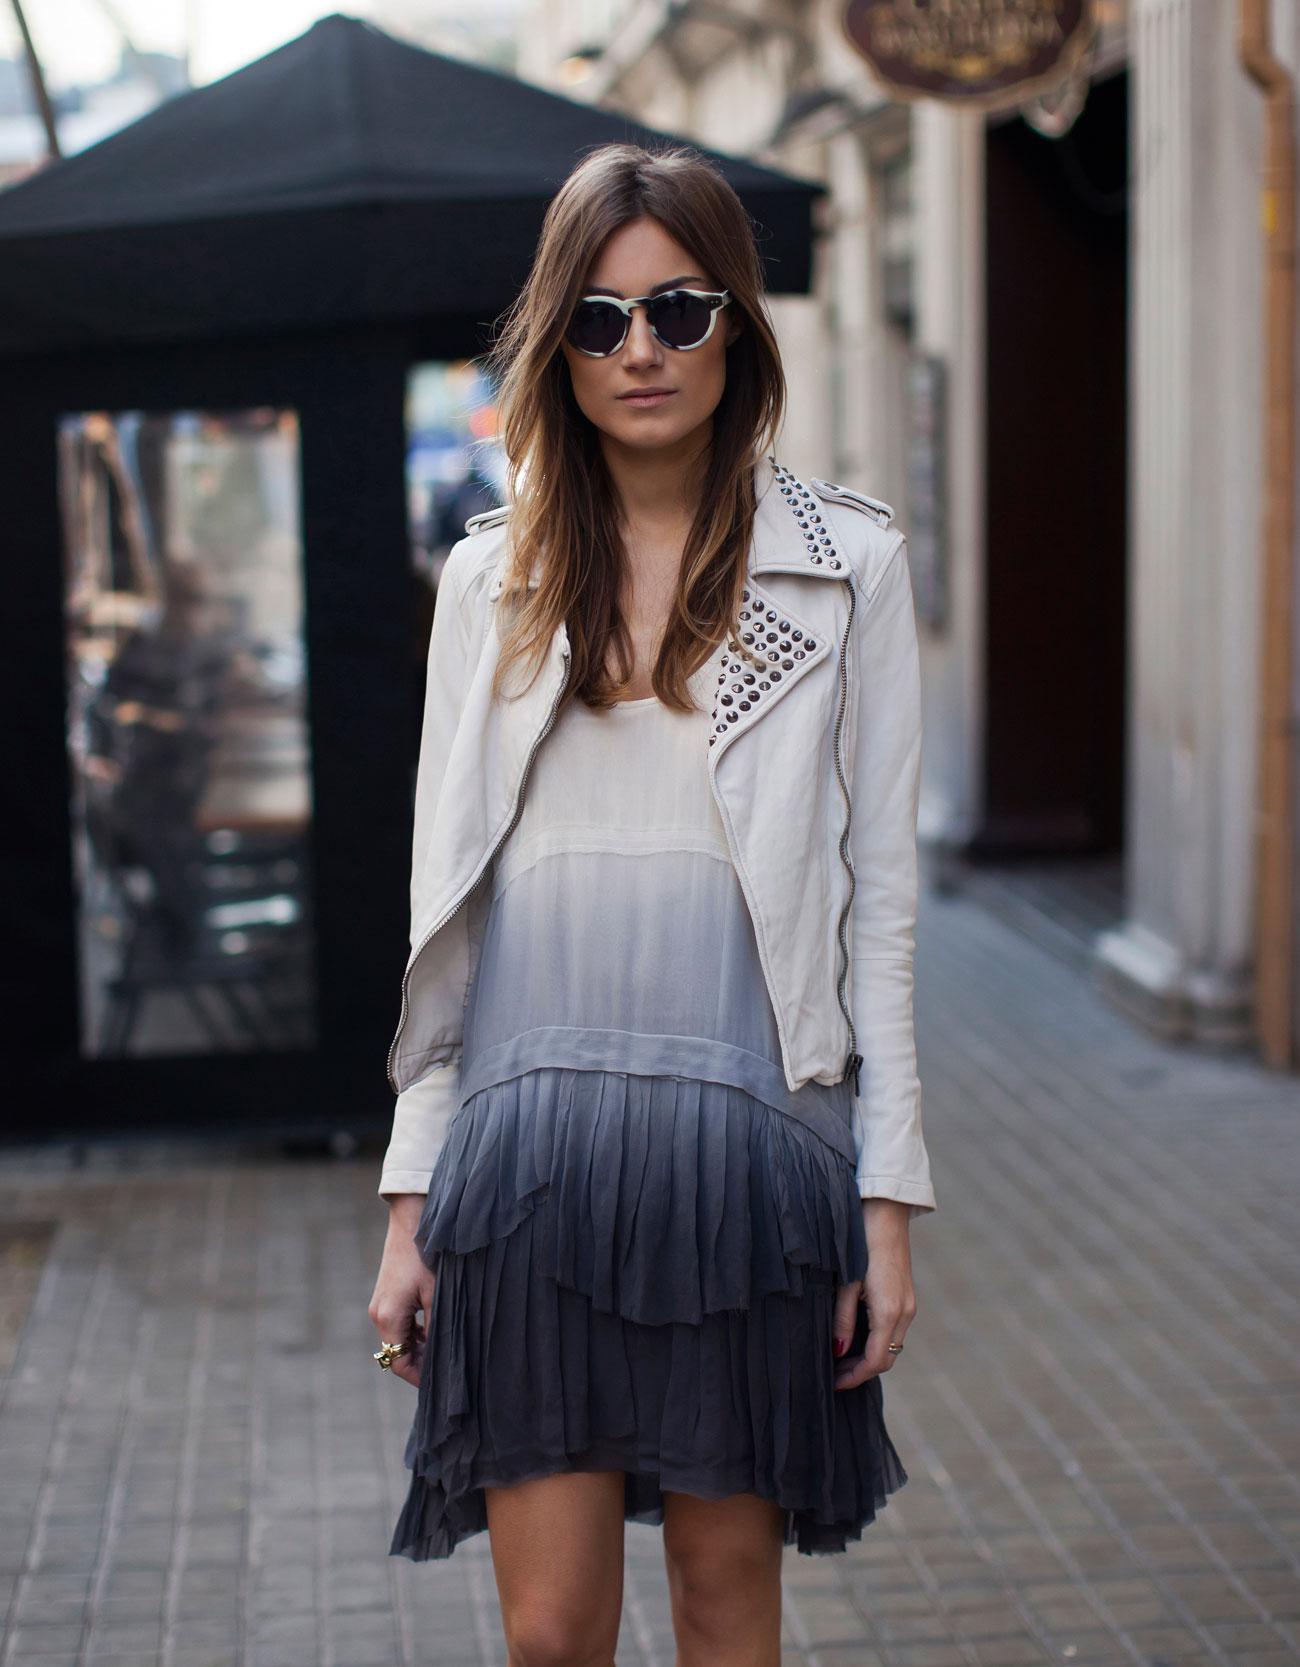 Leather Jacket with Studs by Zara